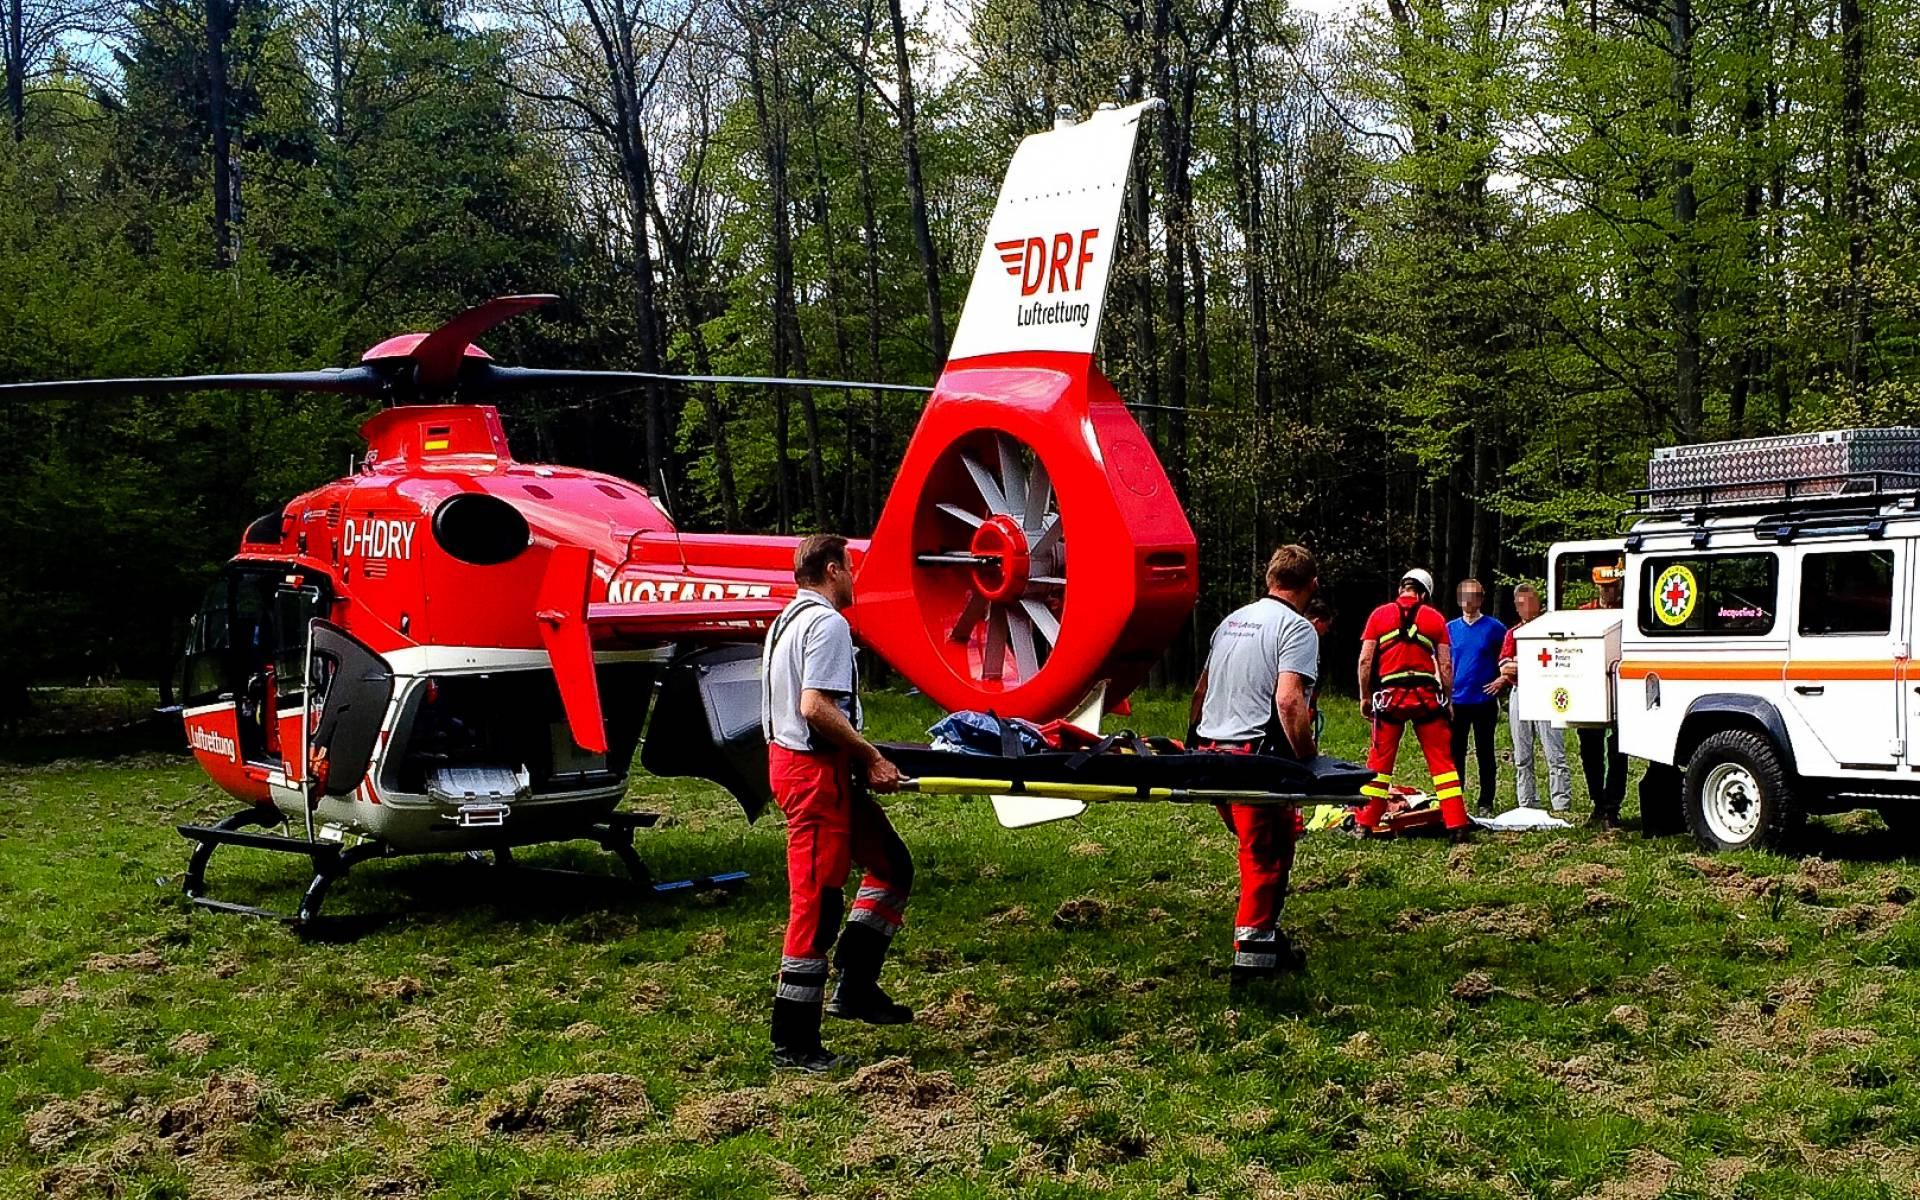 Mit dem Rettungshubschrauber wird der verunglückte Kletterer anschließend innerhalb weniger Minuten in die Universitätsklinik Dresden geflogen.